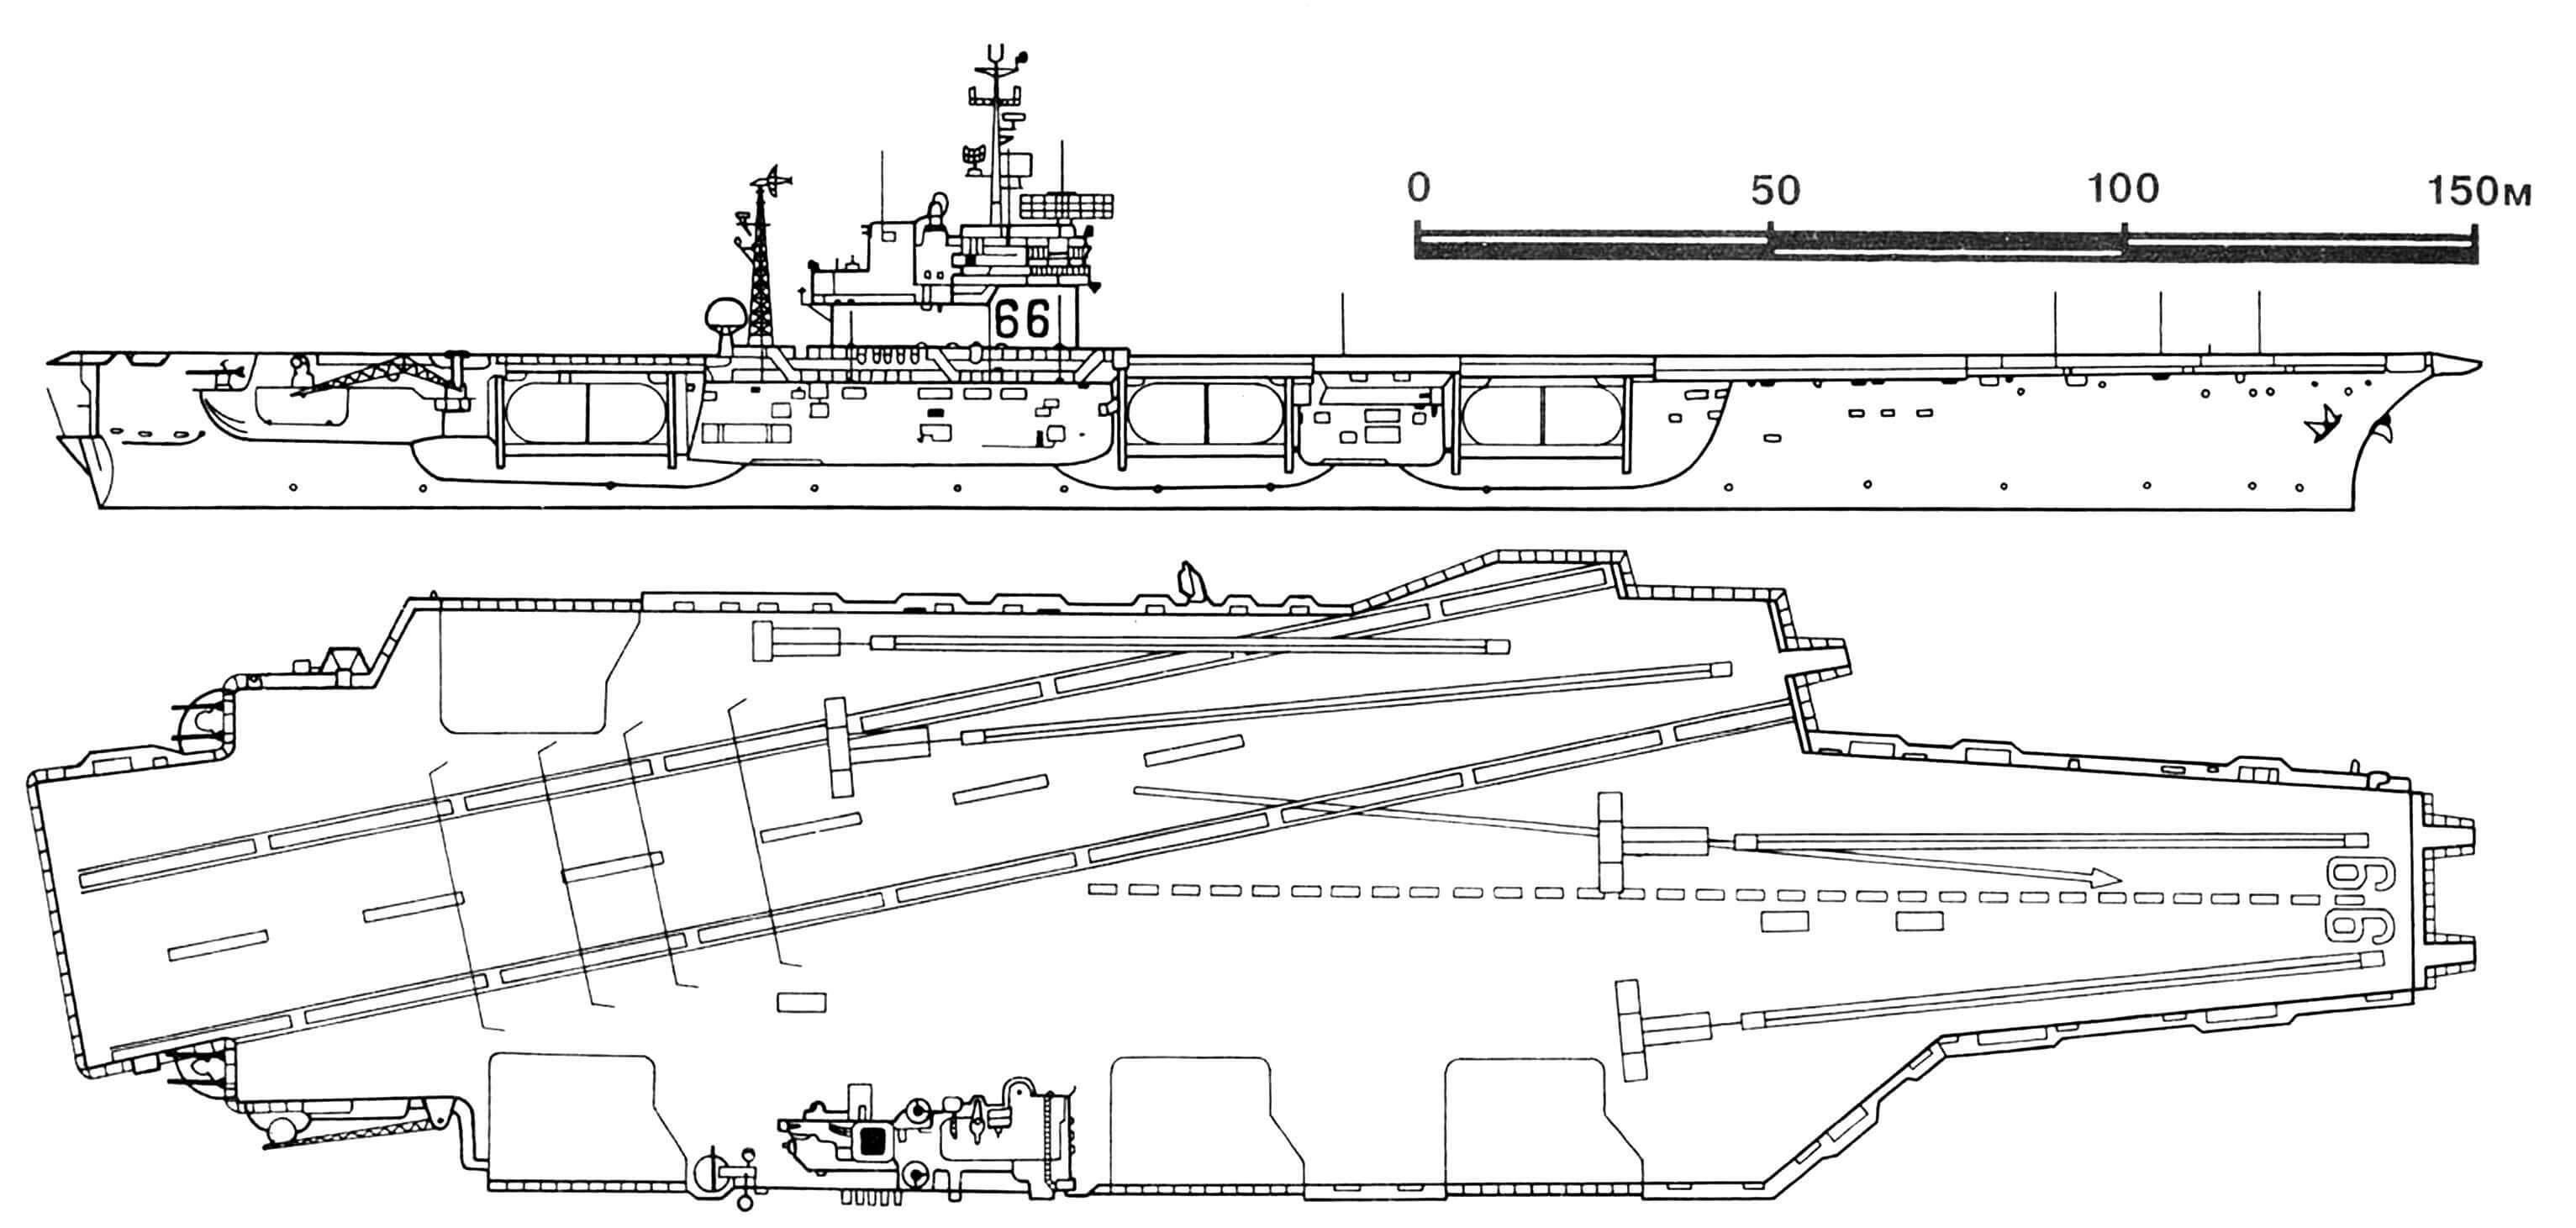 Ударный авианосец типа «Форрестол», проект 127В «Америка».